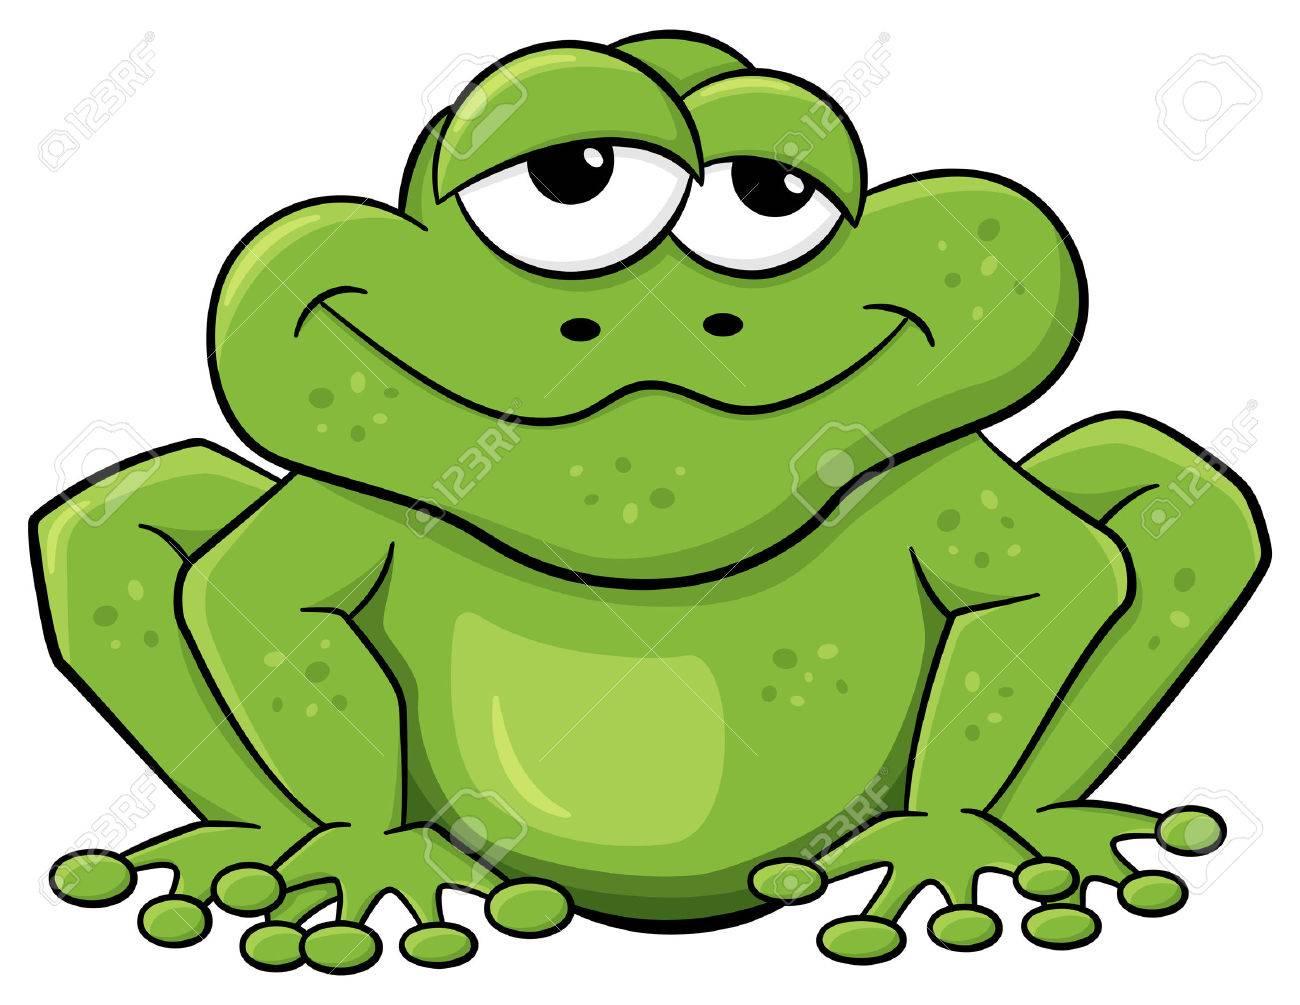 Vektor Illustration Einer Grün Cartoon Frosch Isoliert Auf Weiß